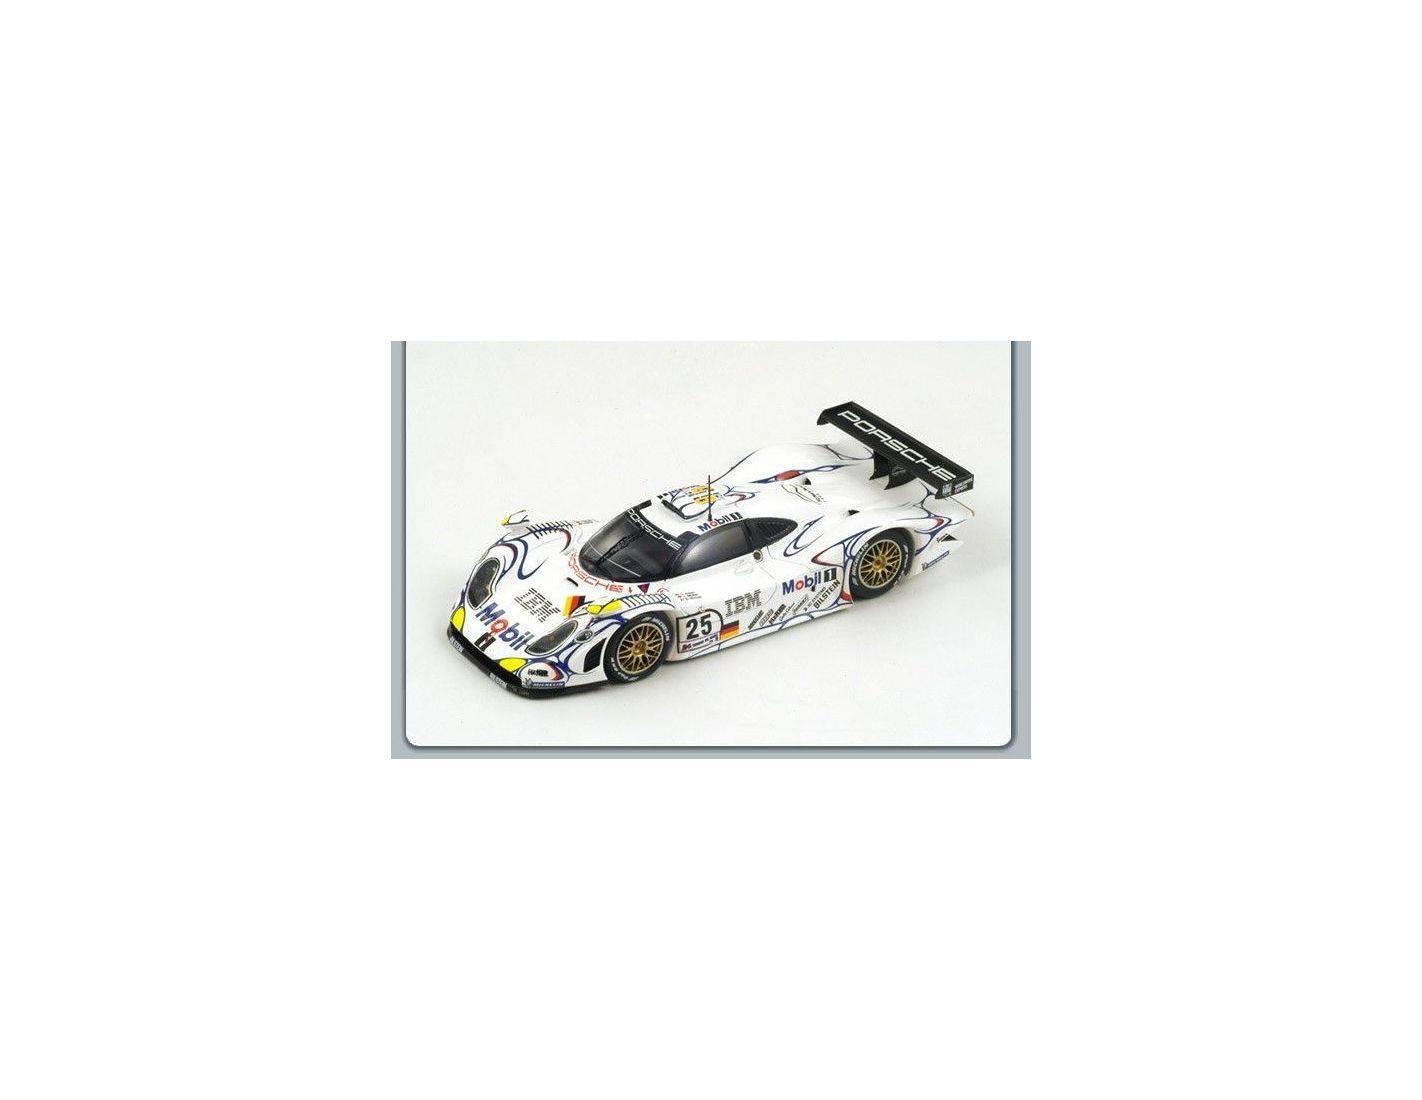 spark model s4180 porsche 911 gt1 2nd lm 1998 muller alzen wollek 1 43 modellino die cast. Black Bedroom Furniture Sets. Home Design Ideas